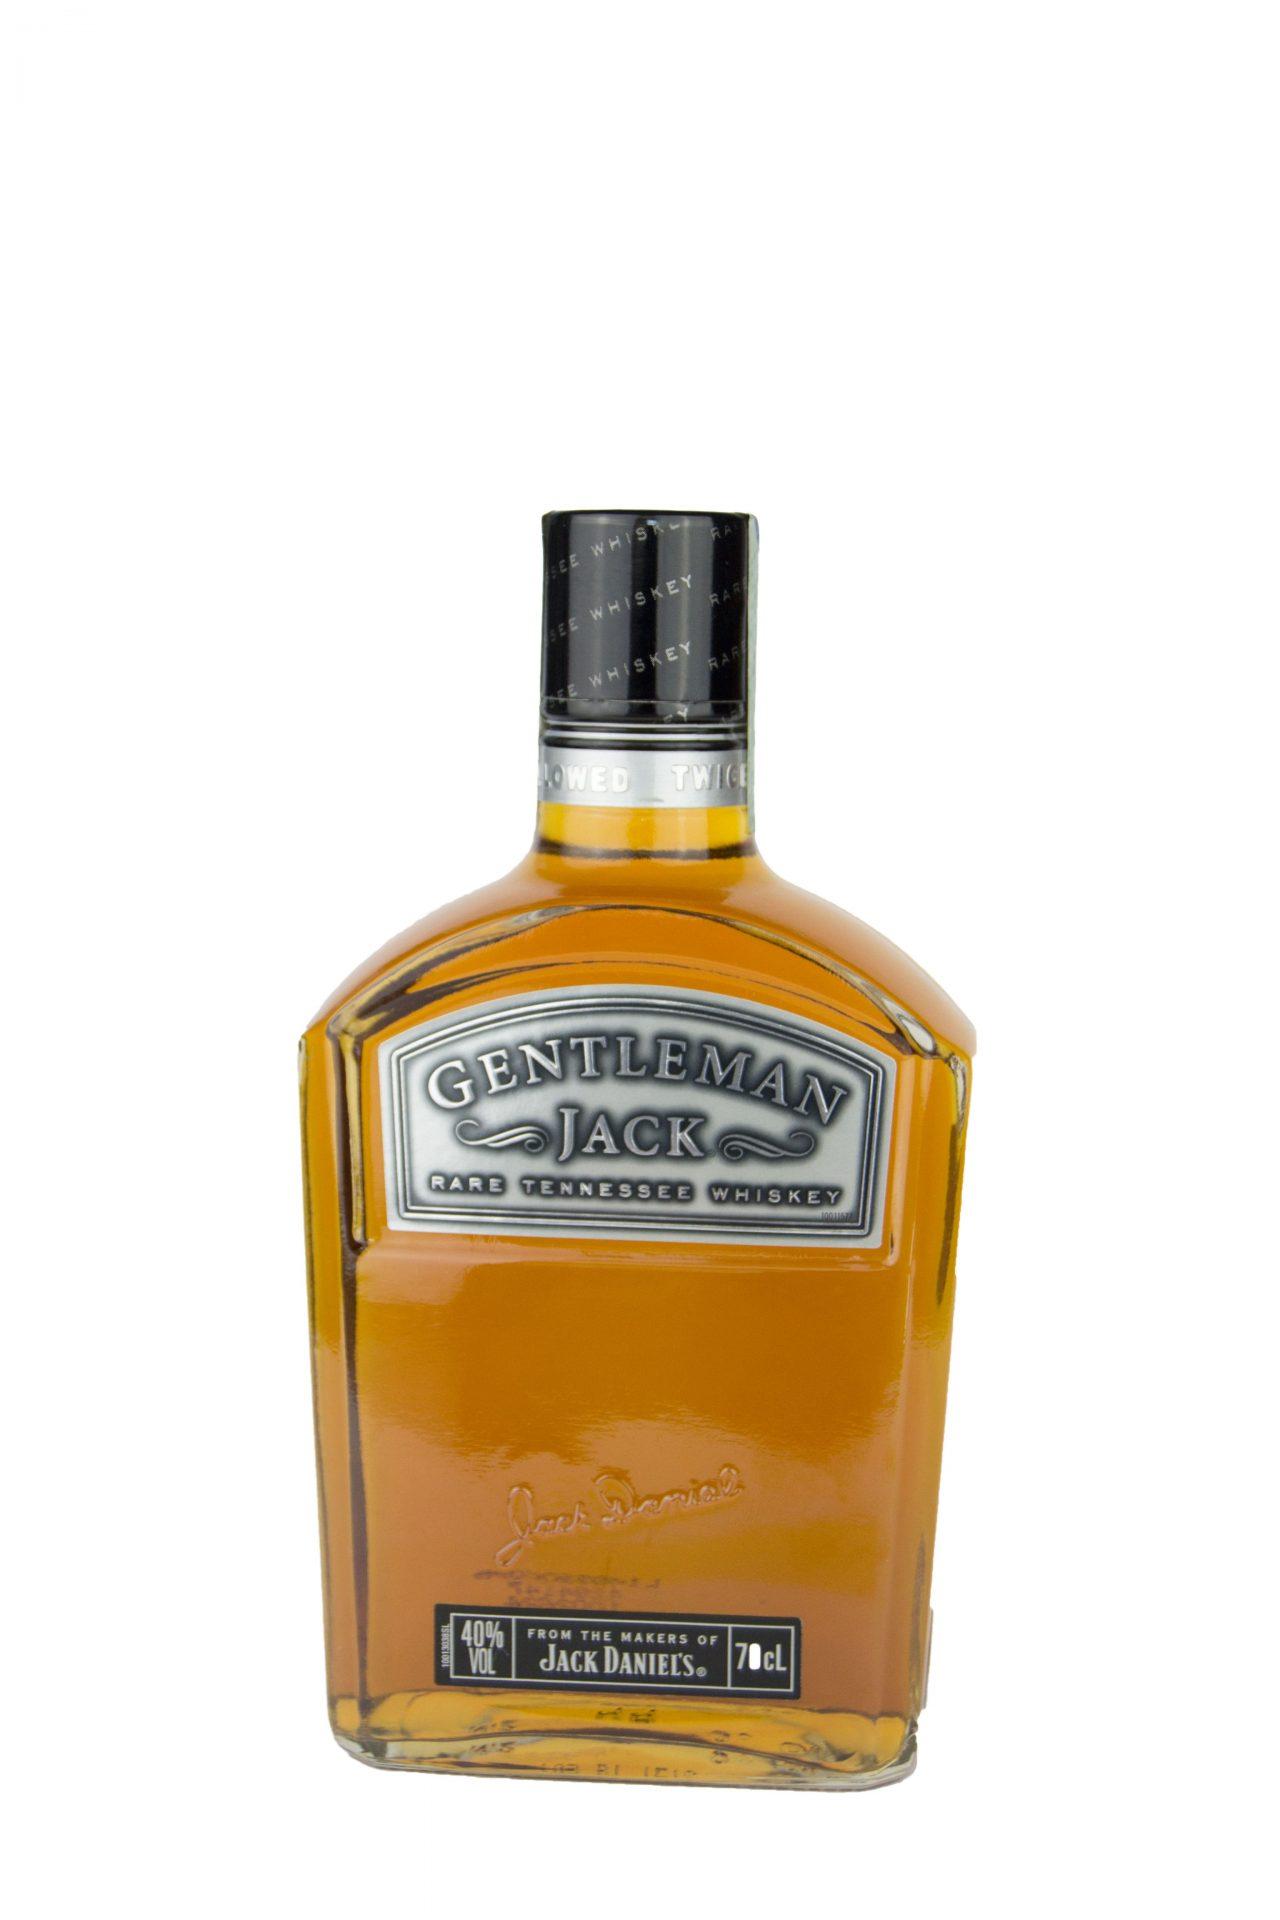 Jack Daniel's – Gentleman Jack